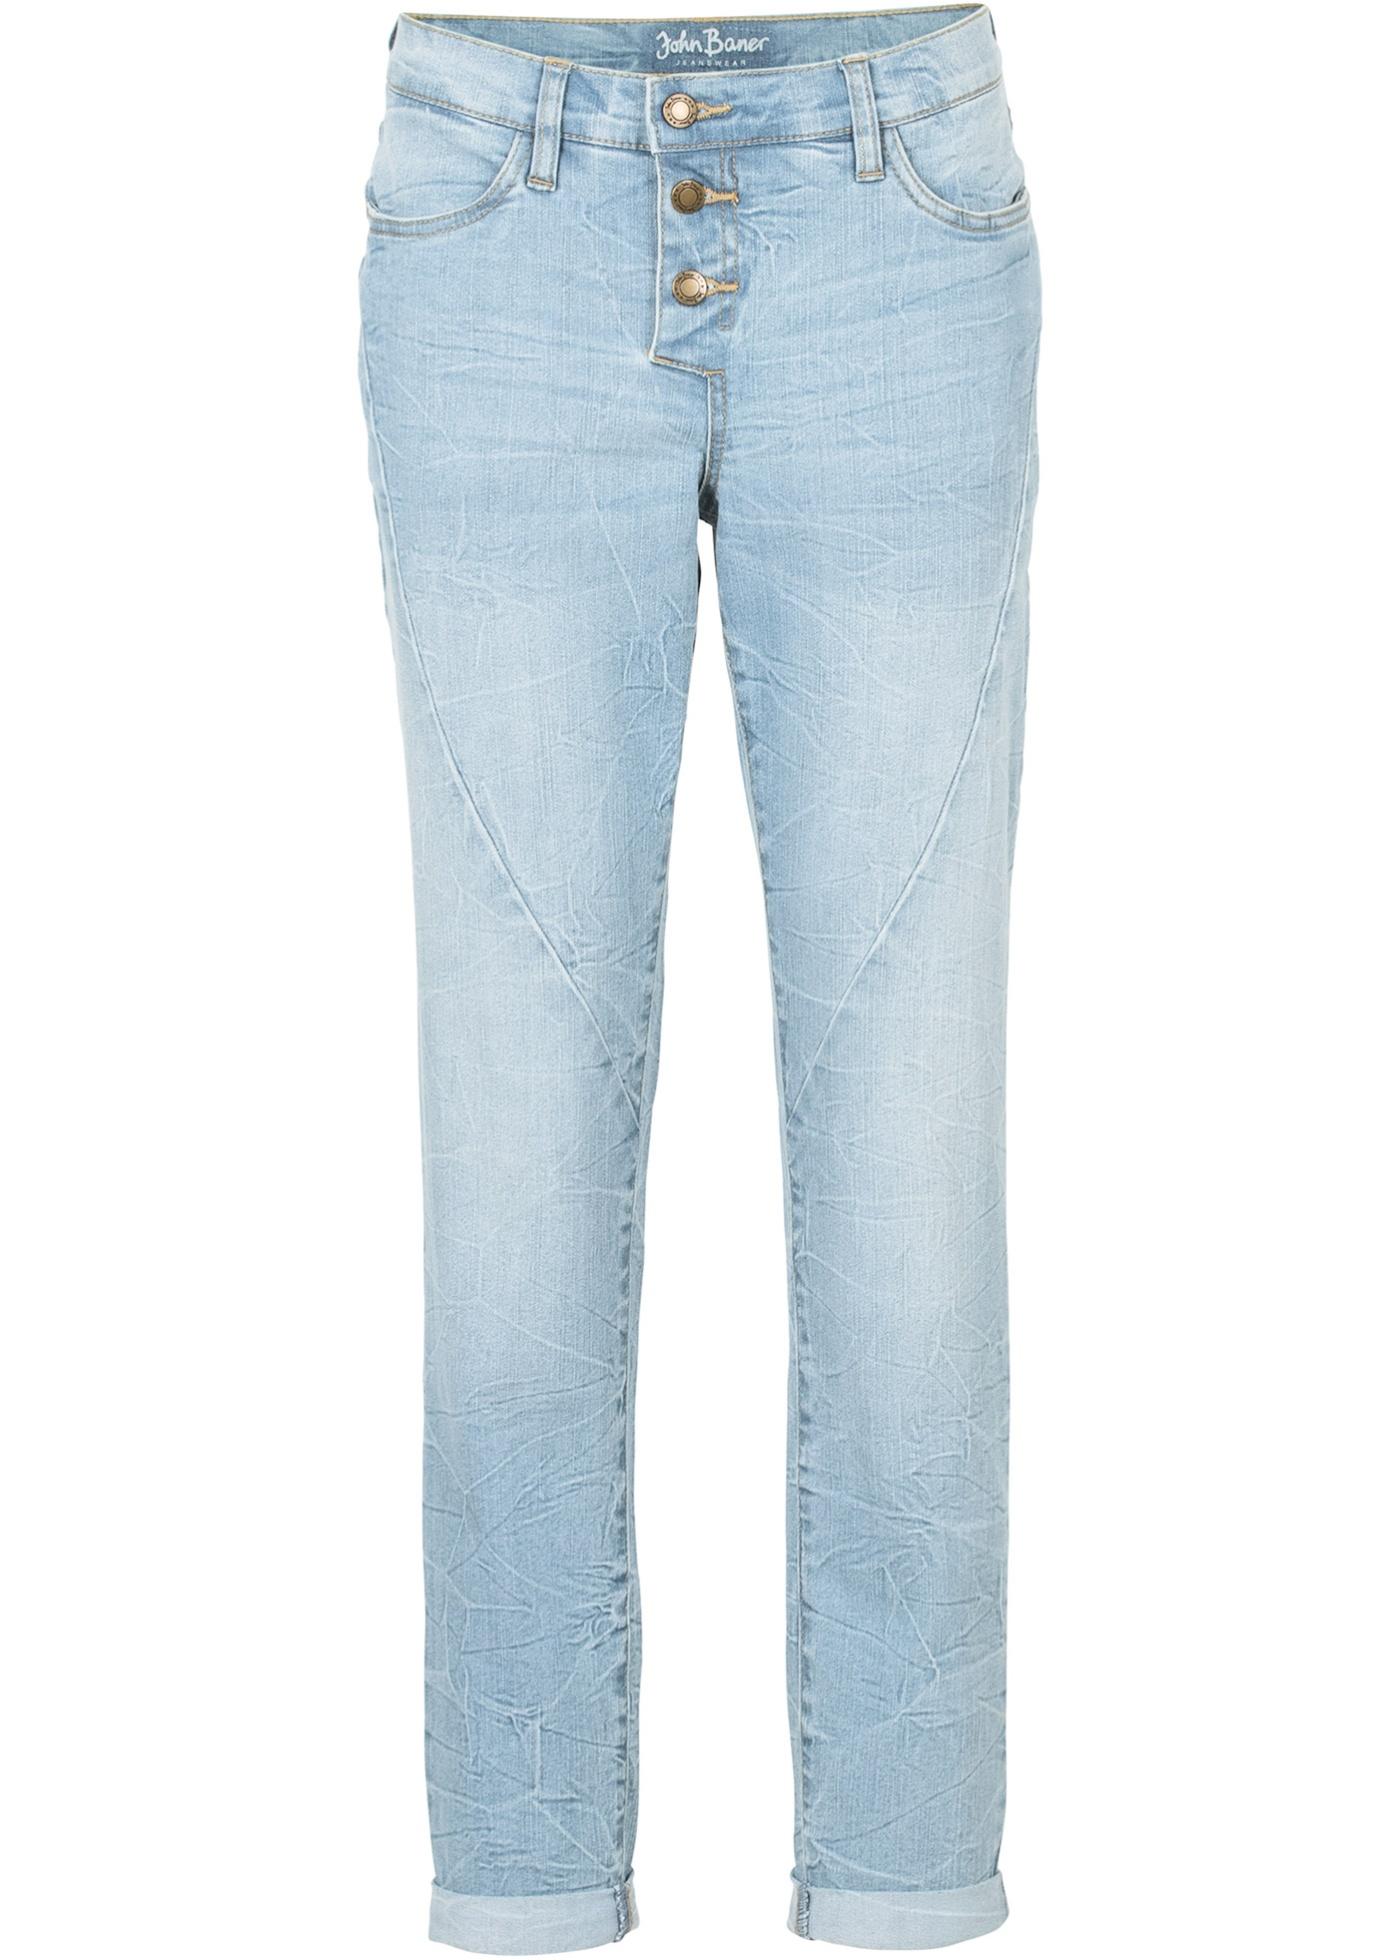 Bonprix - Boyfriend jeans 299.00